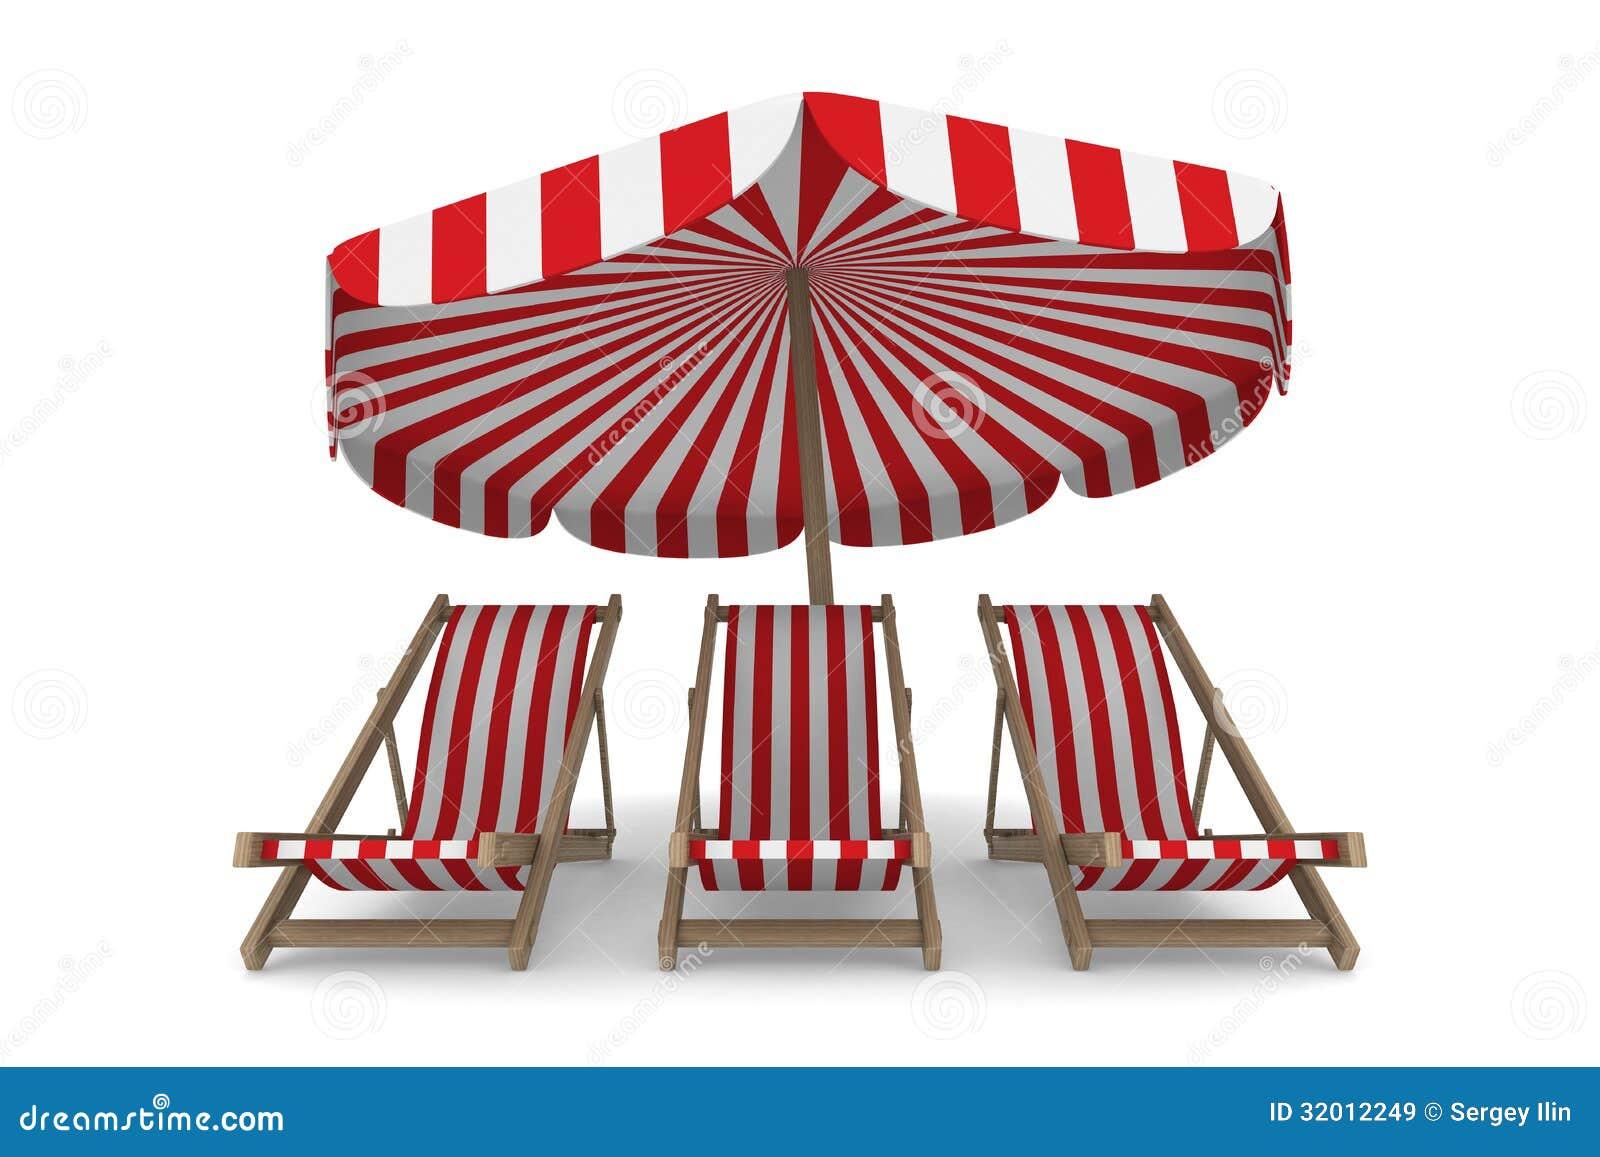 Sonnenschirm clipart gratis  Deckchair Drei Und Sonnenschirm Auf Weißem Hintergrund Stock ...